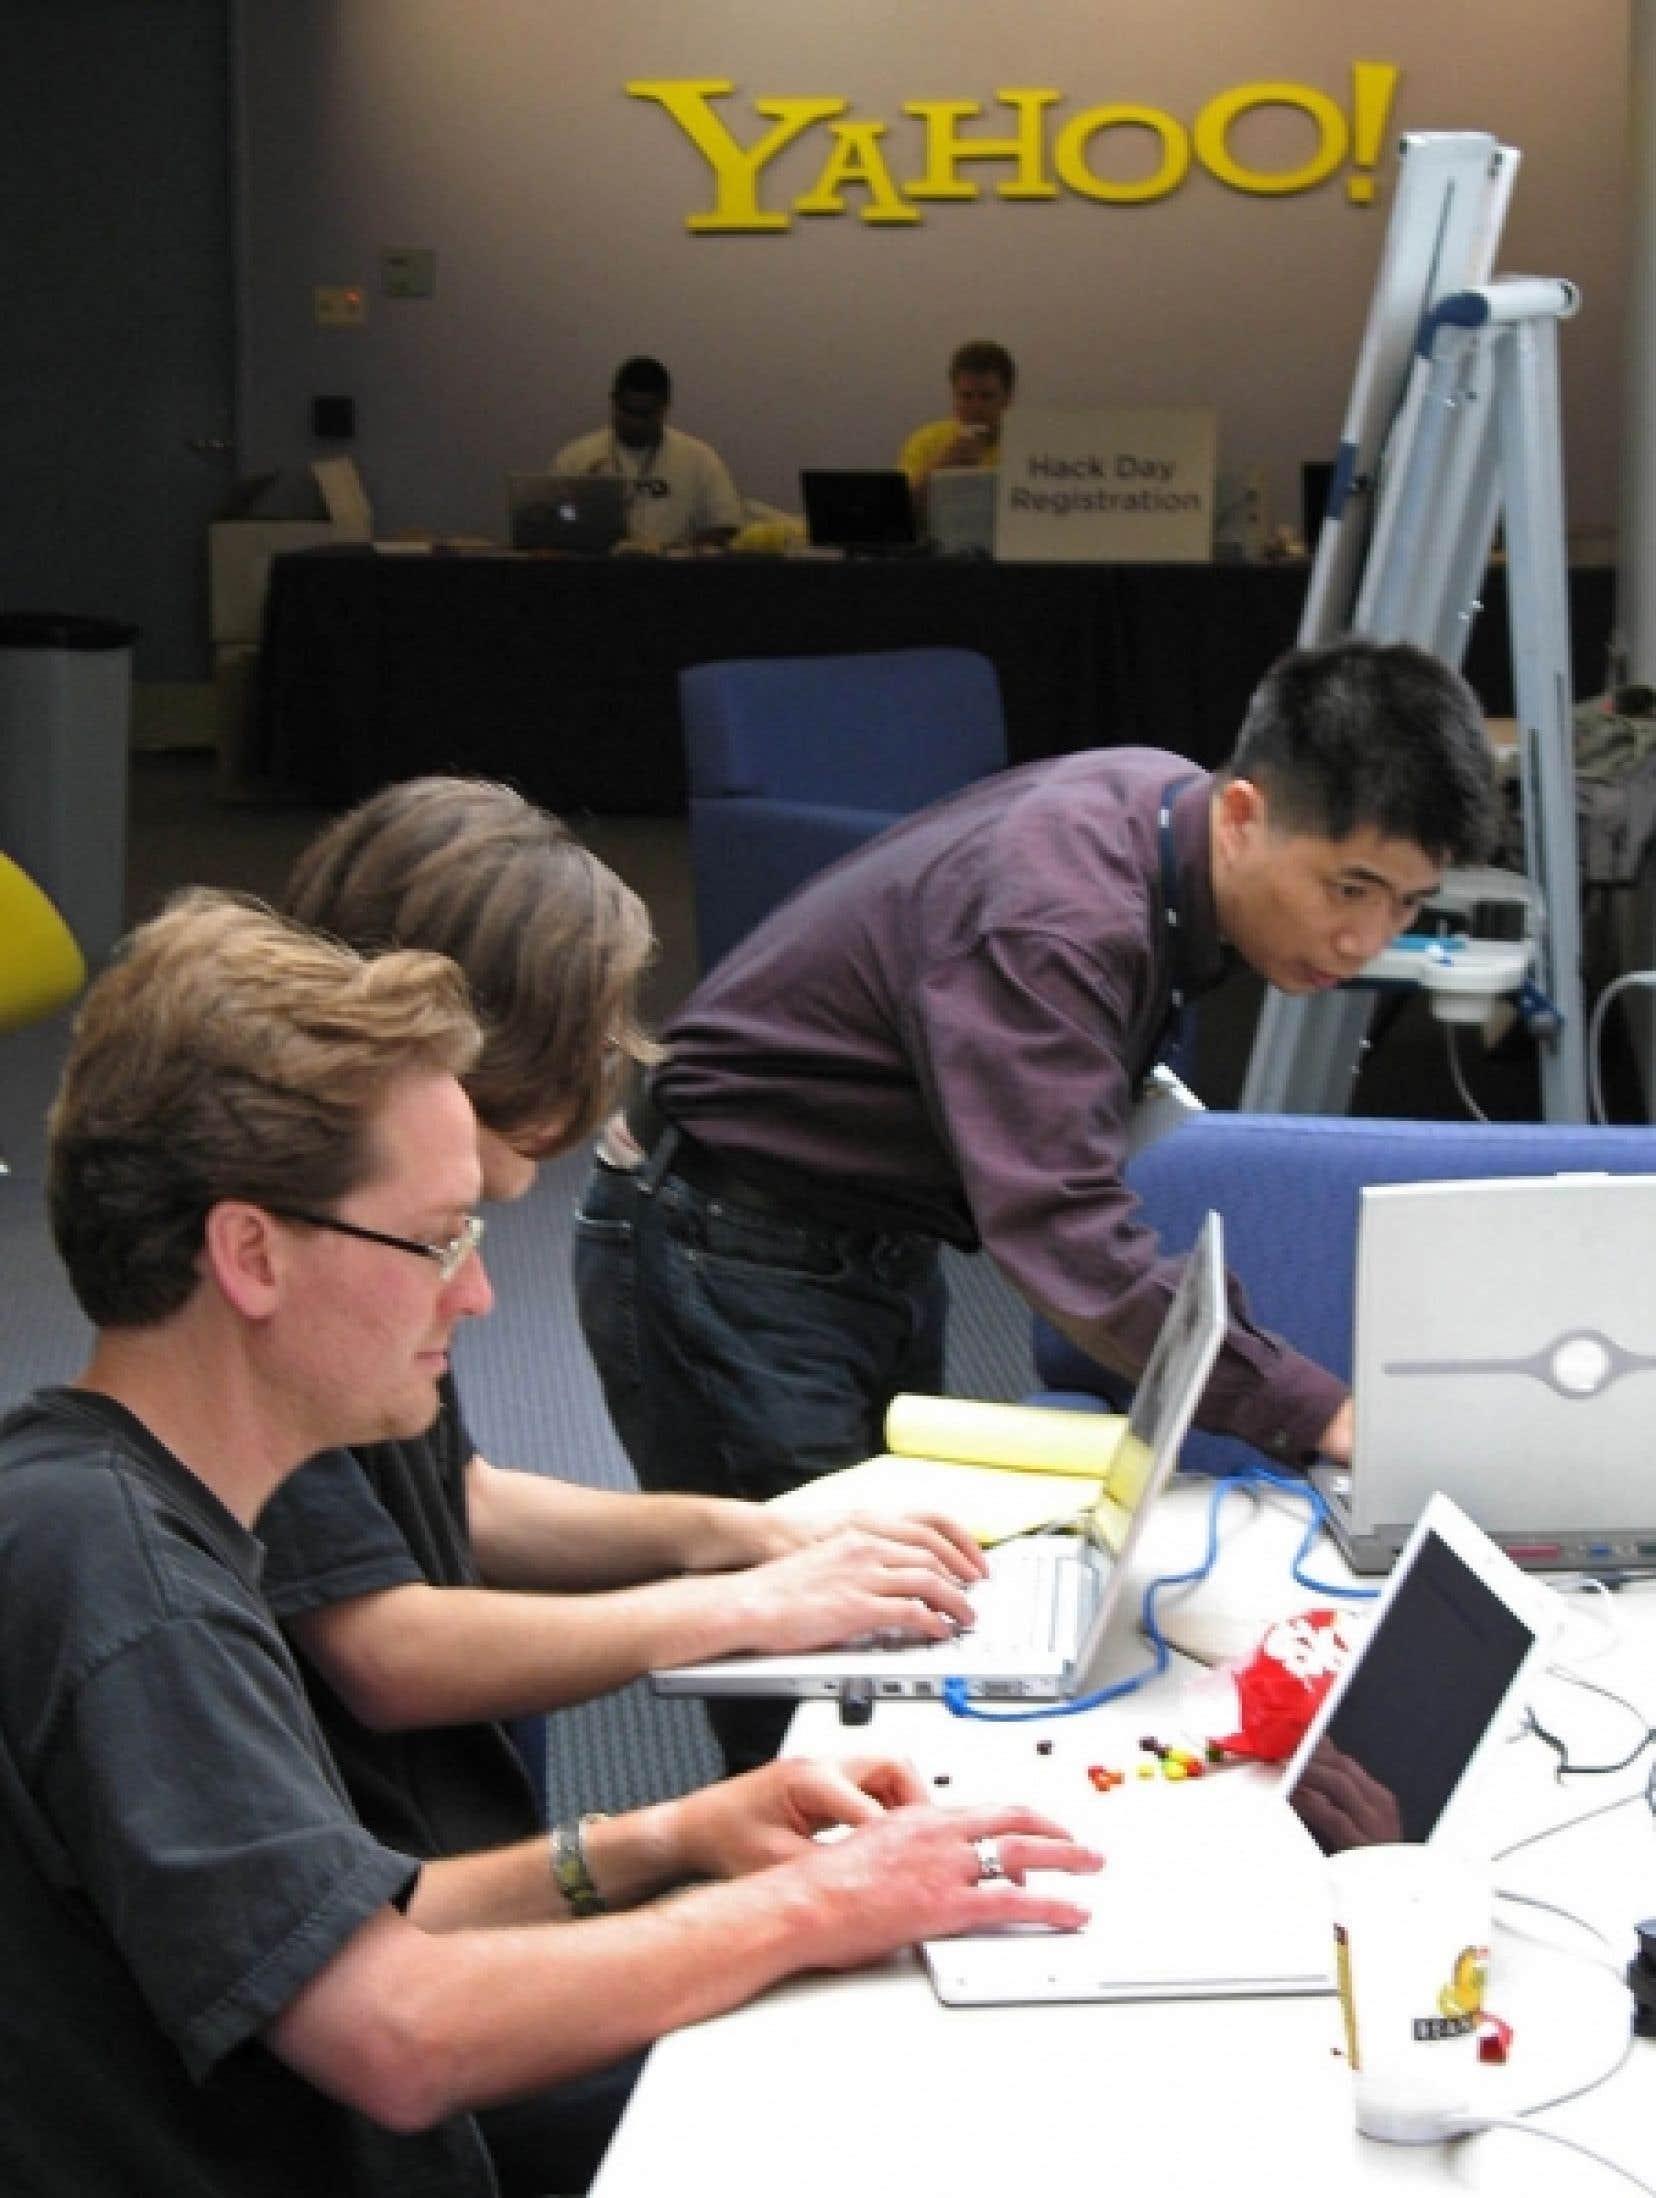 «Si vous ne devenez pas un véritable usager de la technologie [en apprenant ses rudiments de langage], alors c'est elle qui va vous utiliser», dit Douglas Rushkoff, observateur des mutations en cours.<br />